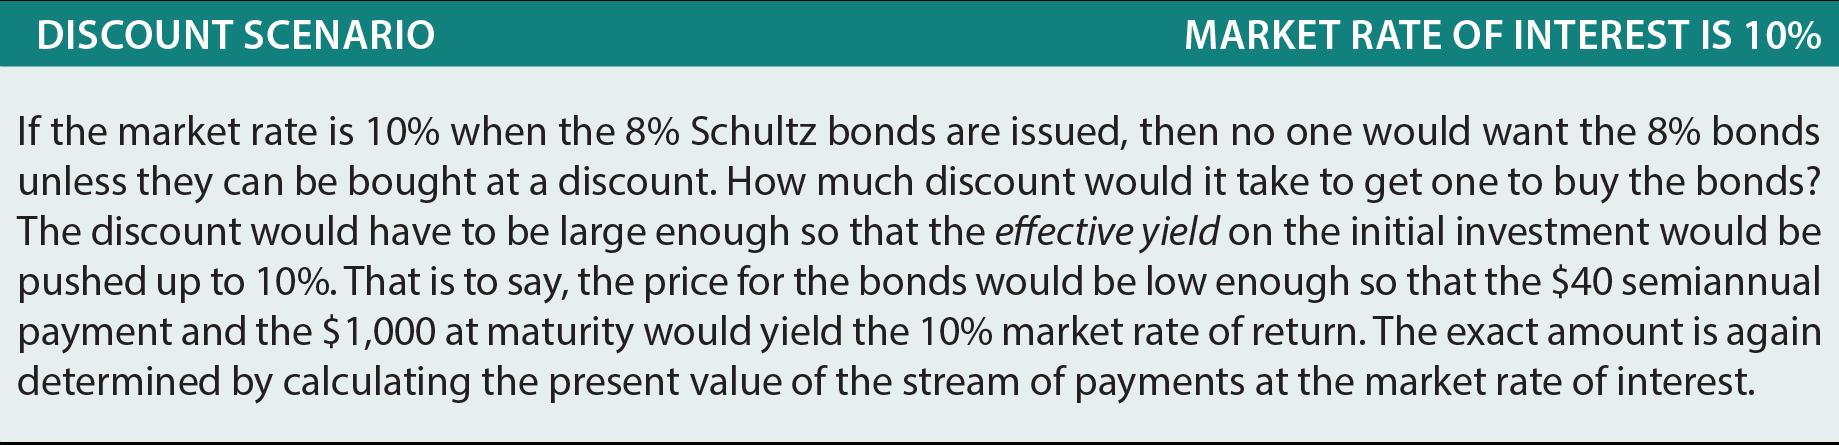 Discount Scenario Example